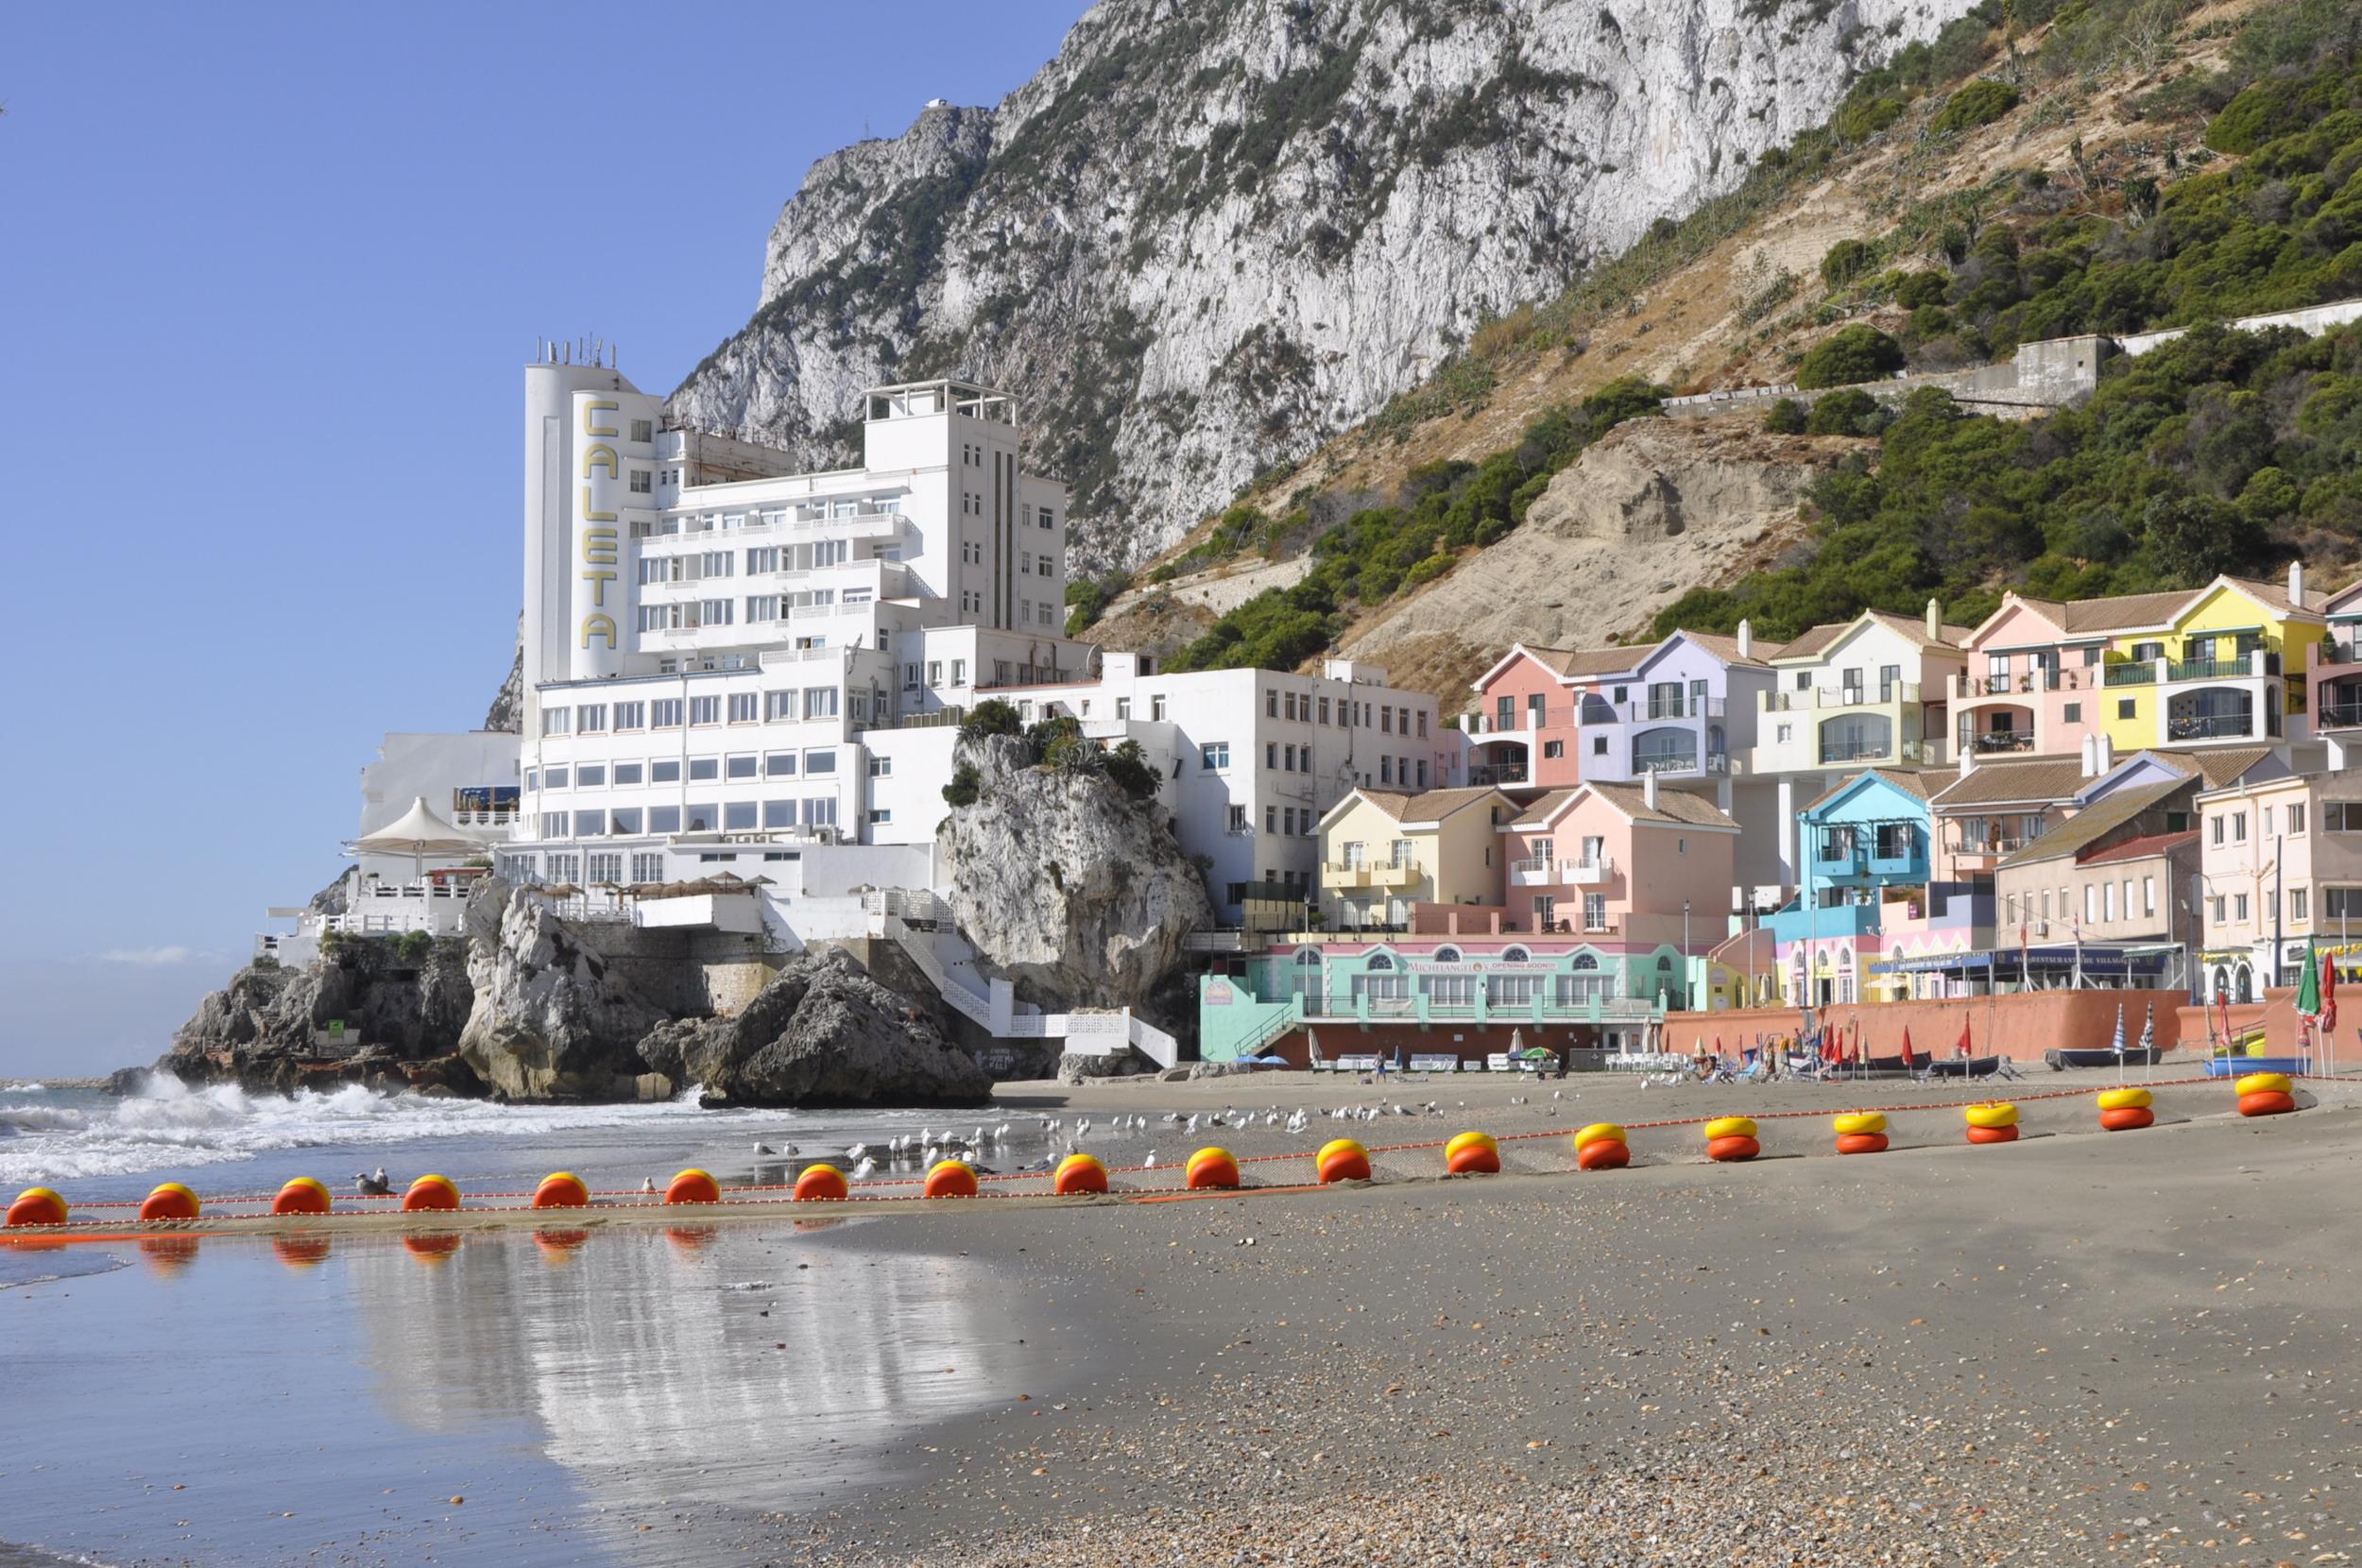 Caleta Hotel Gibraltar